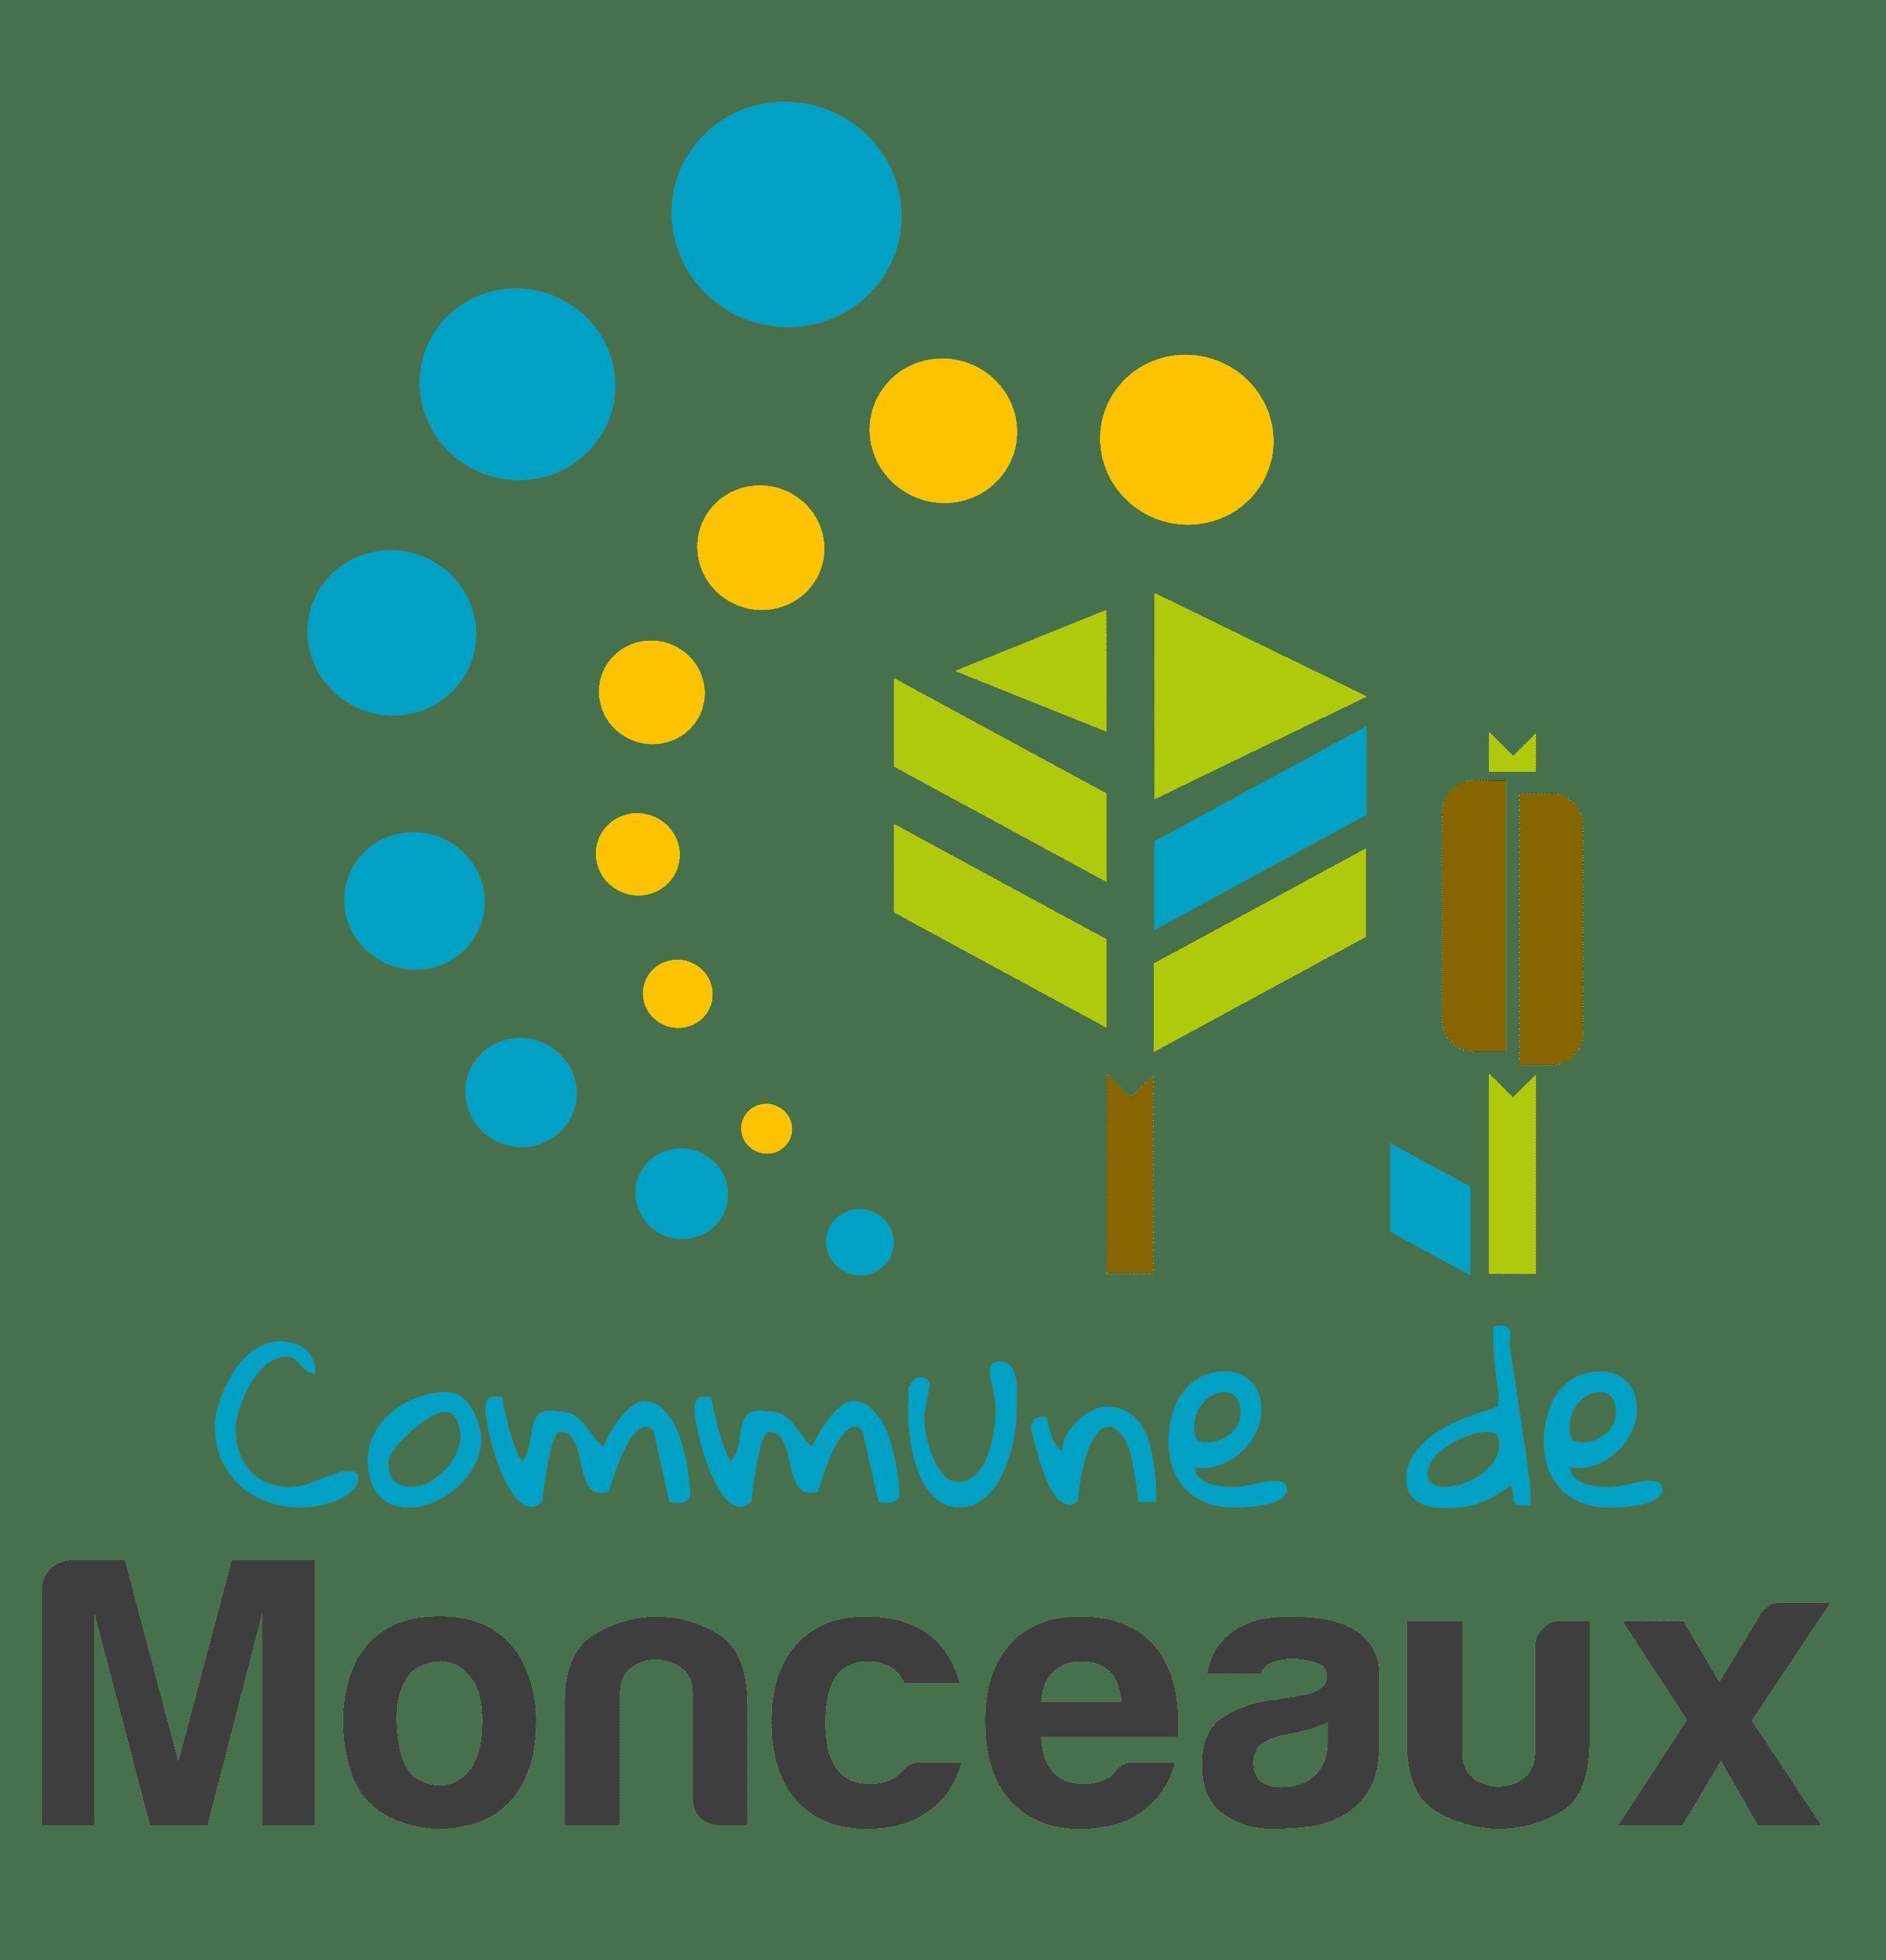 Commune de Monceaux (Aller à l'accueil)